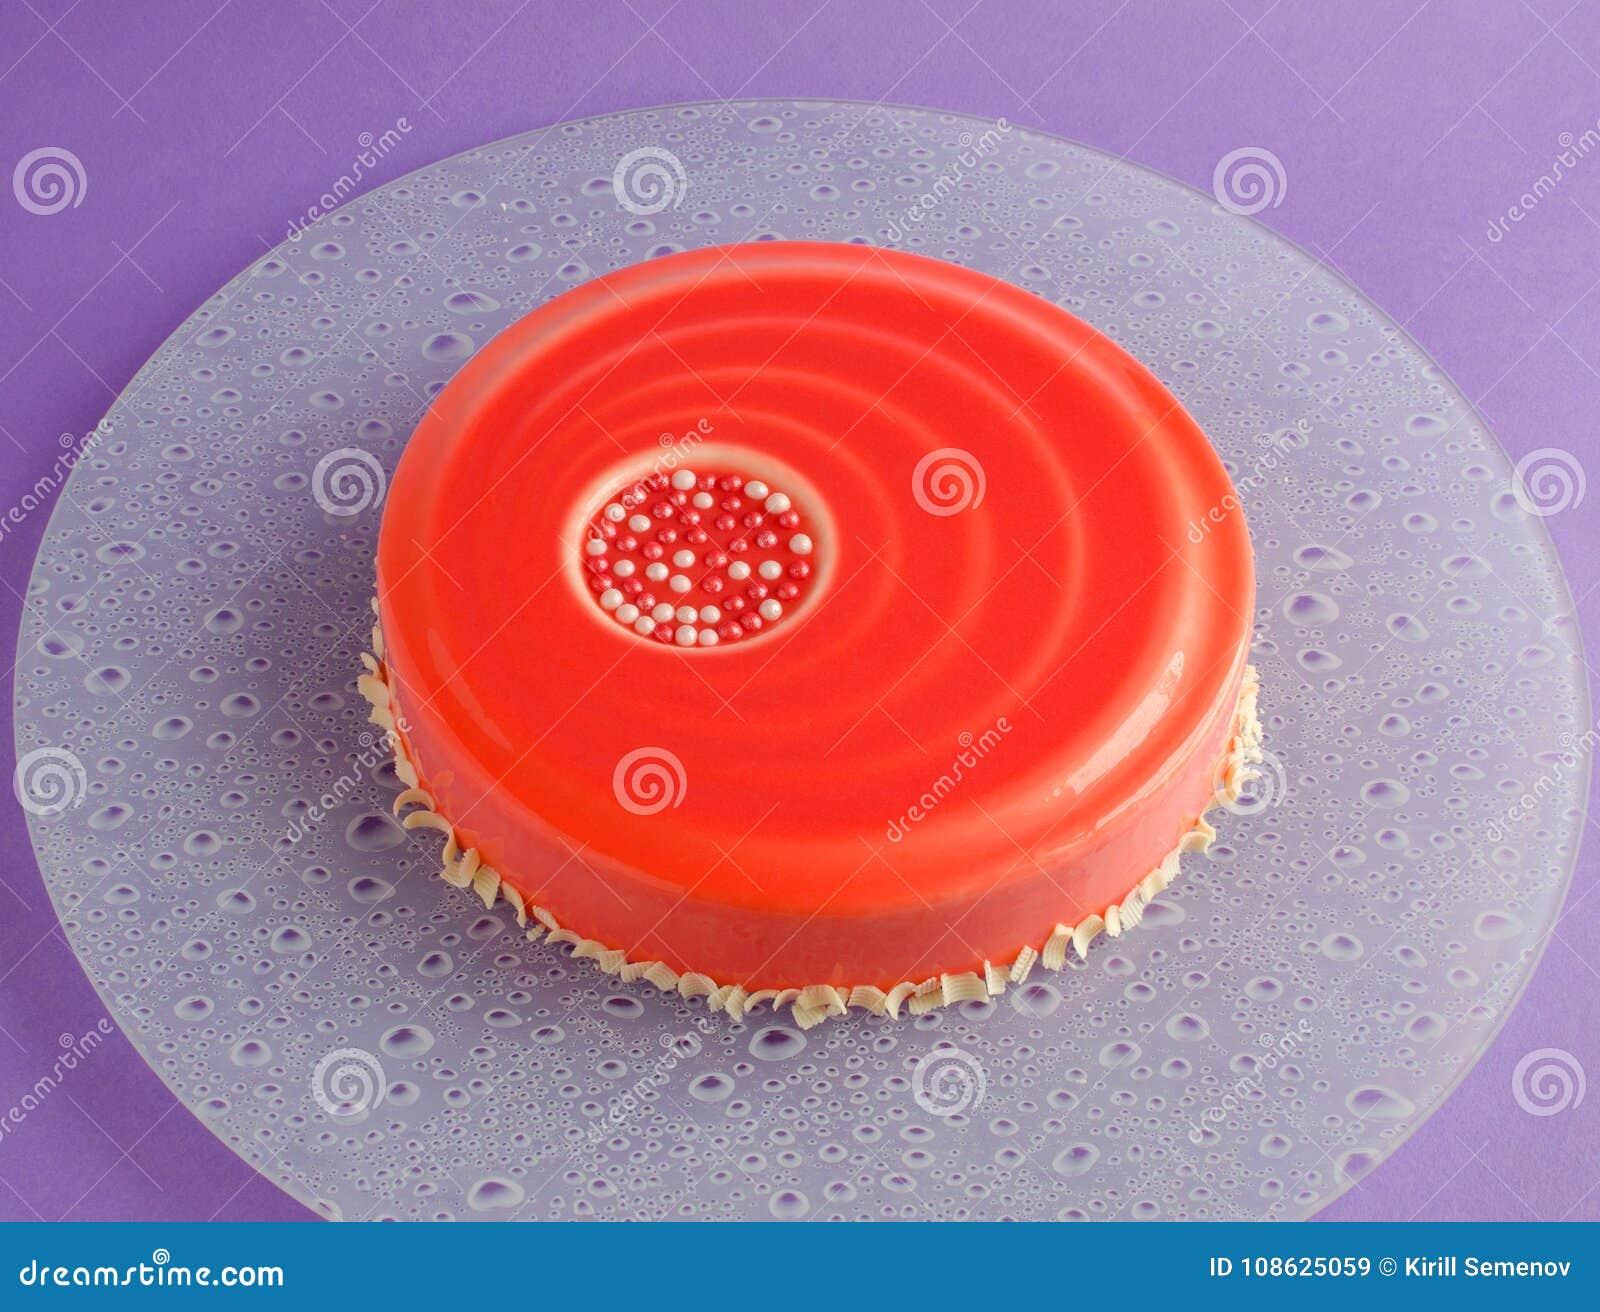 Backen Sie Mit Weisser Schokoladencreme Und Roter Glasur Zusammen